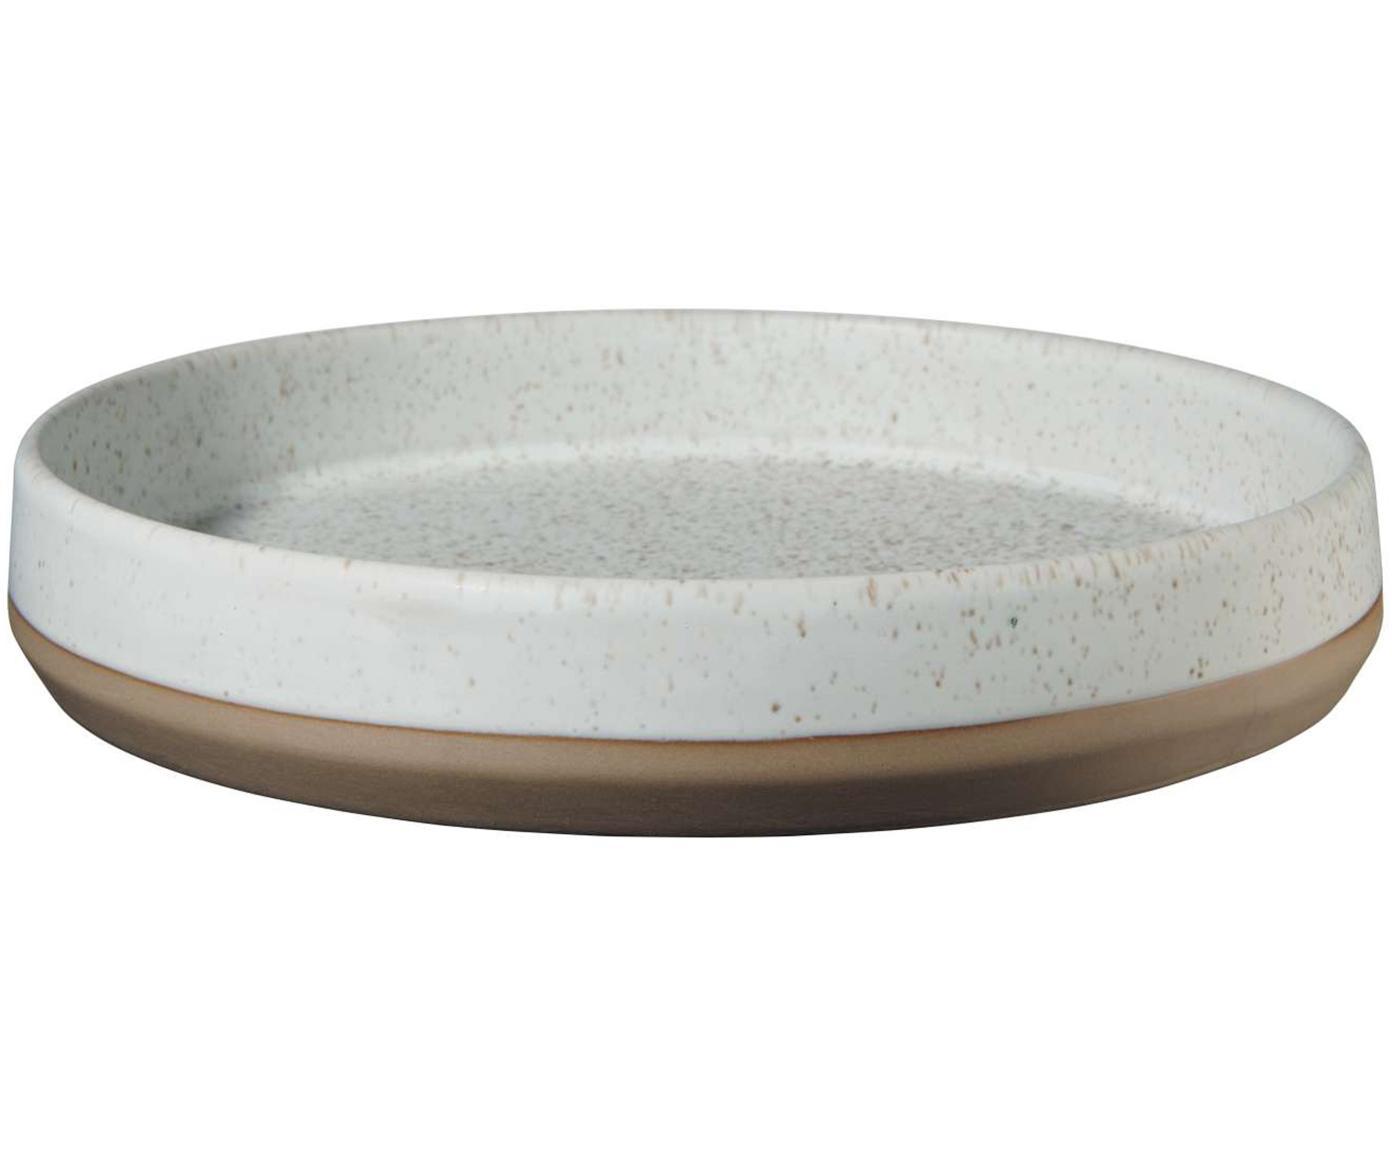 Miska Caja, 2 szt., Terakota, Brązowy i odcienie beżowego, Ø 21 cm